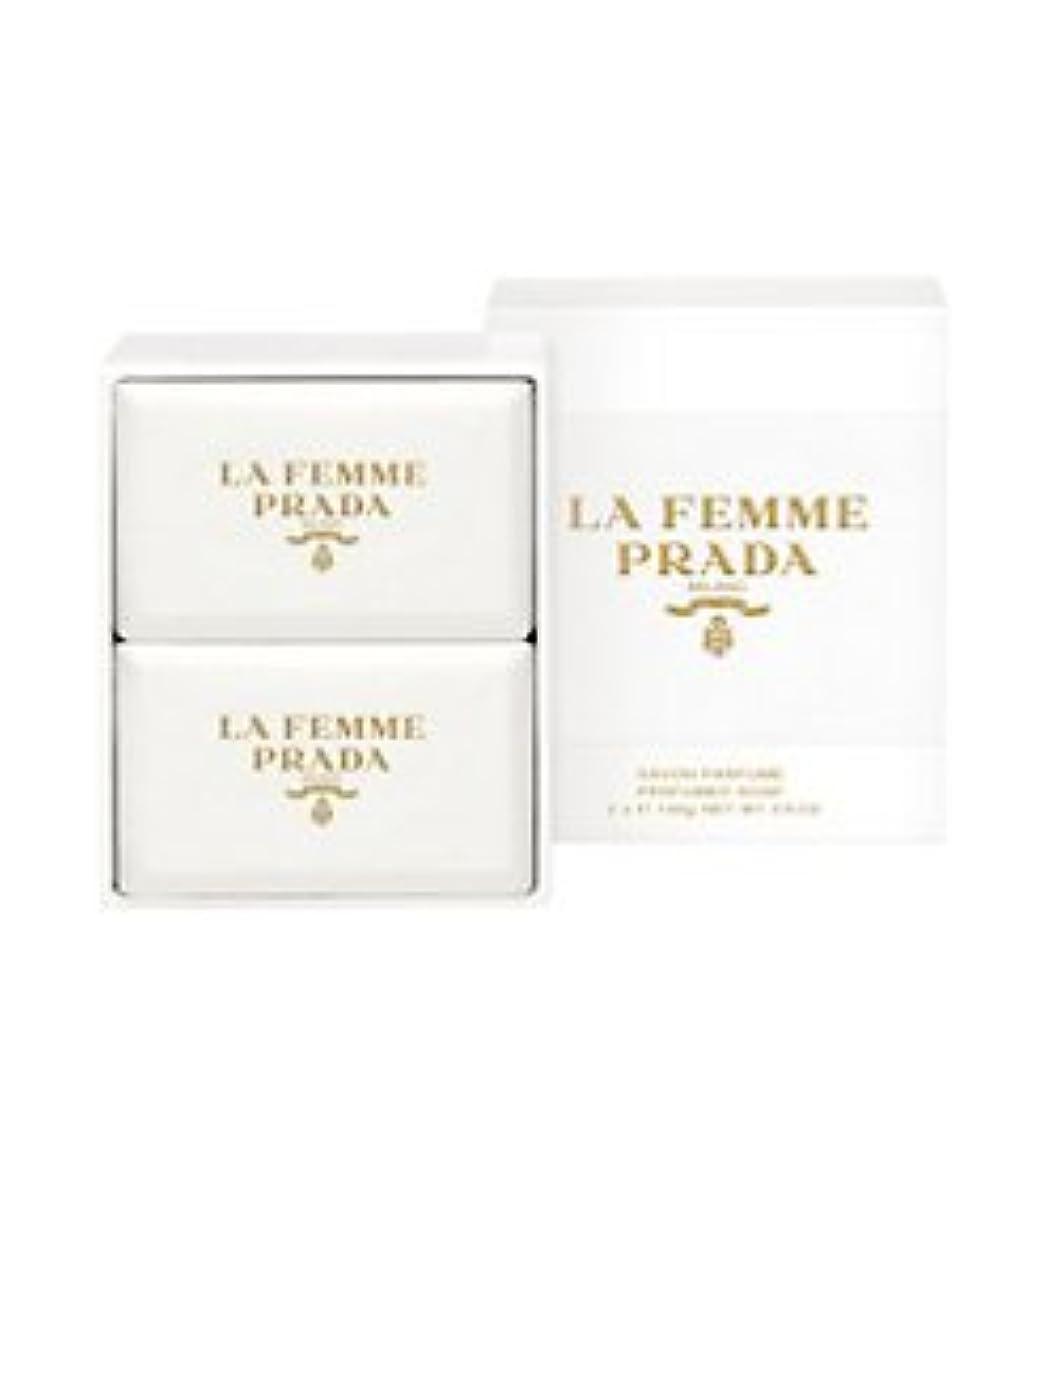 相互接続博覧会万歳La Femme Prada (ラ フェム プラダ) 1.75 oz (52ml) Soap (石鹸) x 2個 for Women